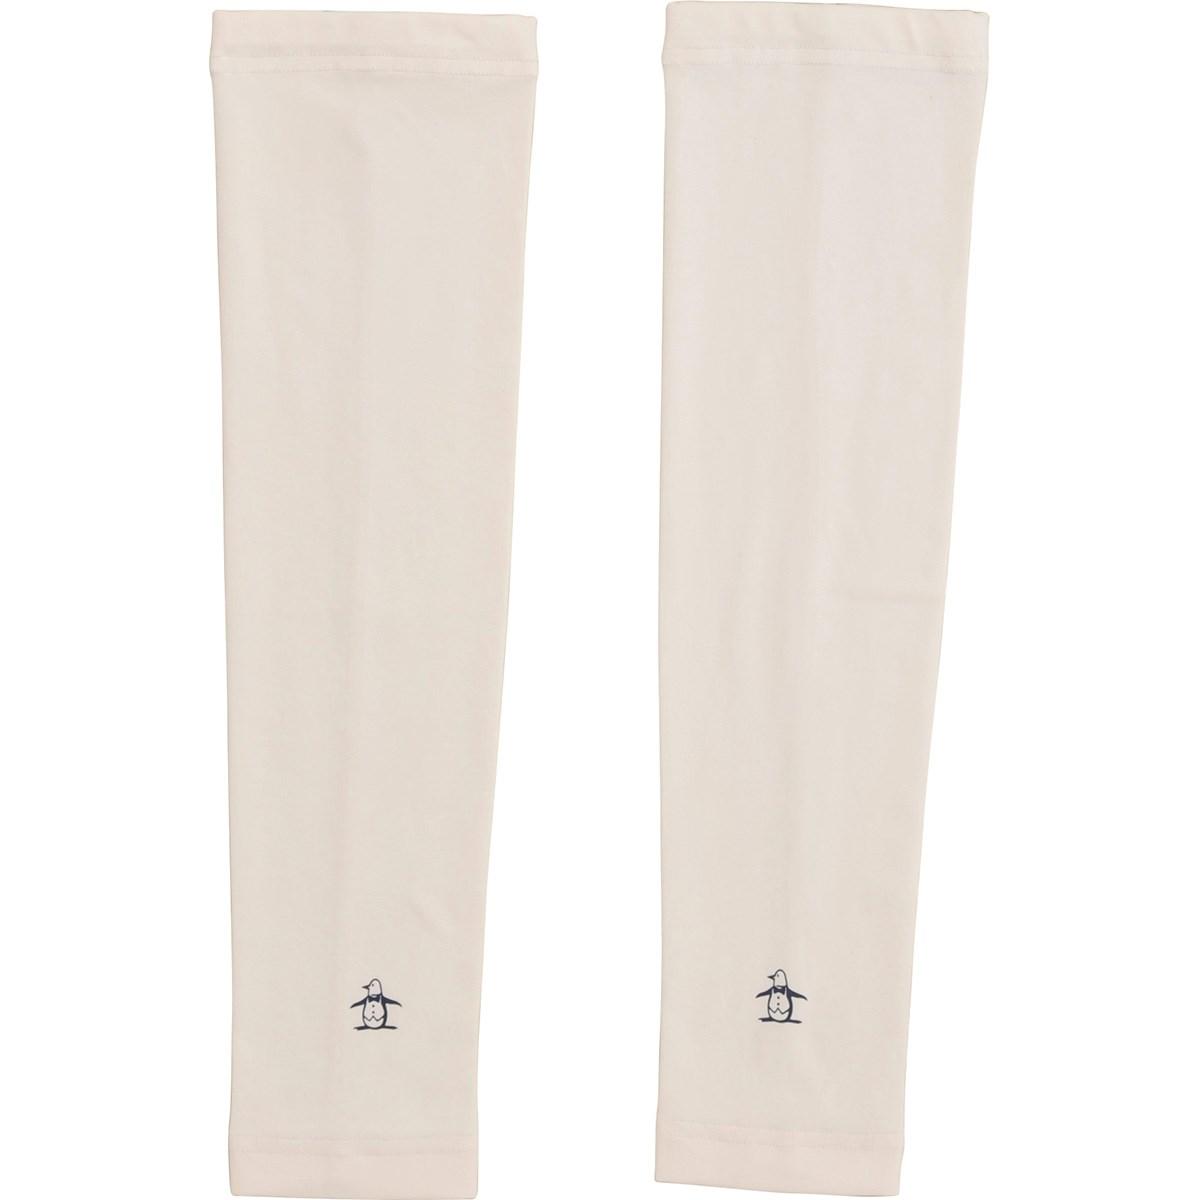 マンシングウェア Munsingwear アームカバー ホワイト 00